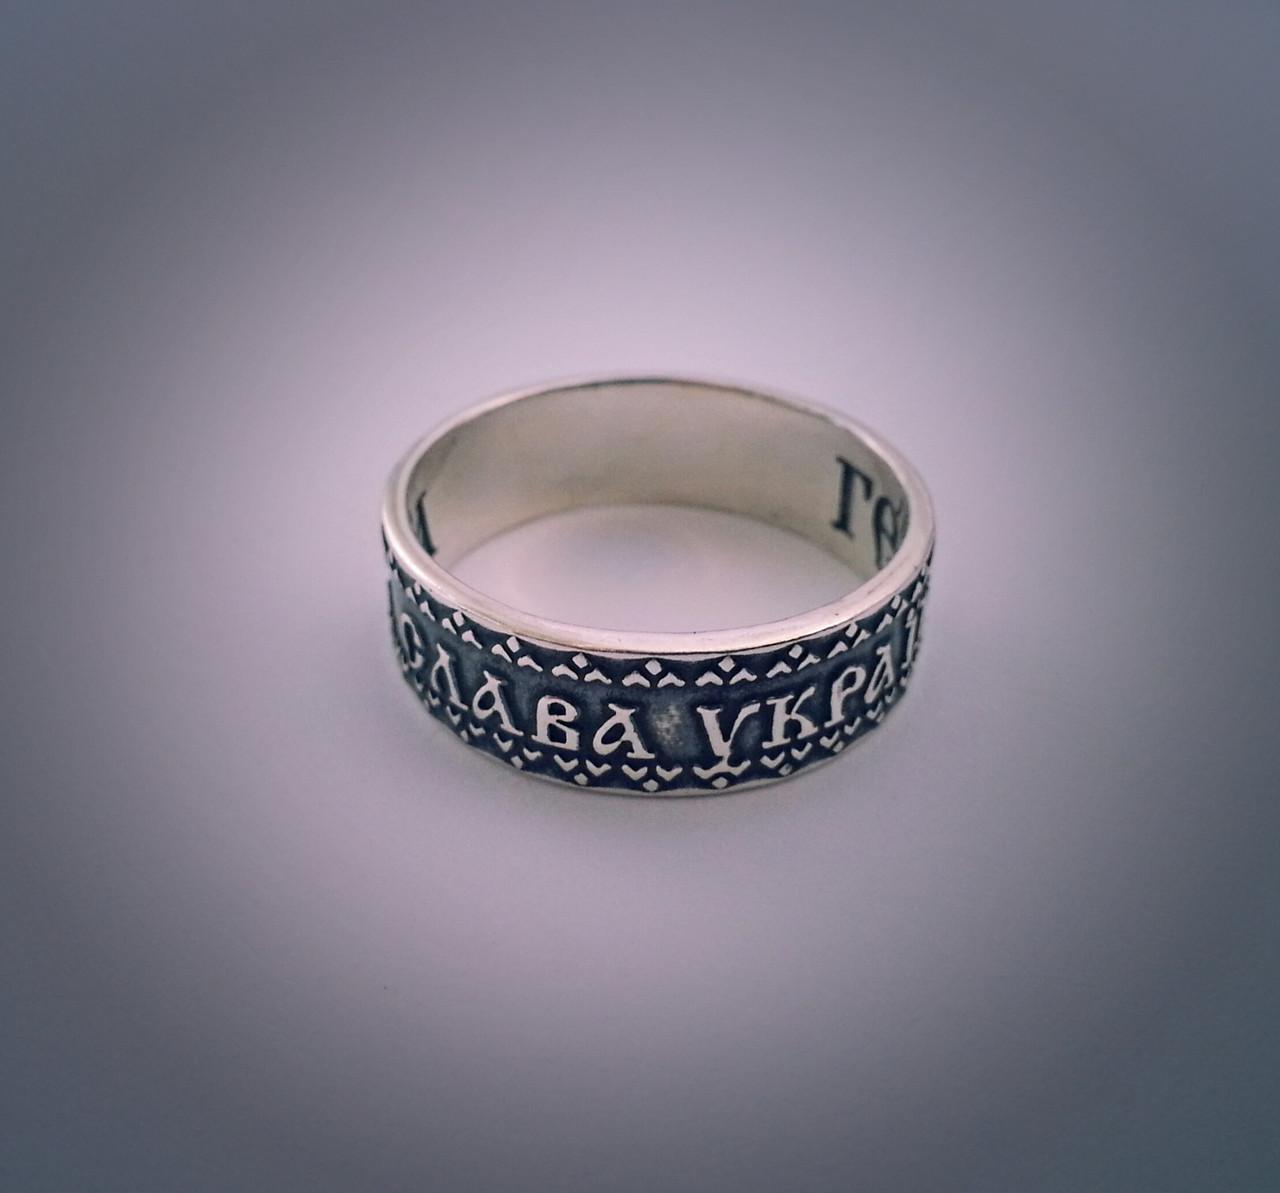 Купить Серебряное кольцо Слава Украине Героям Слава